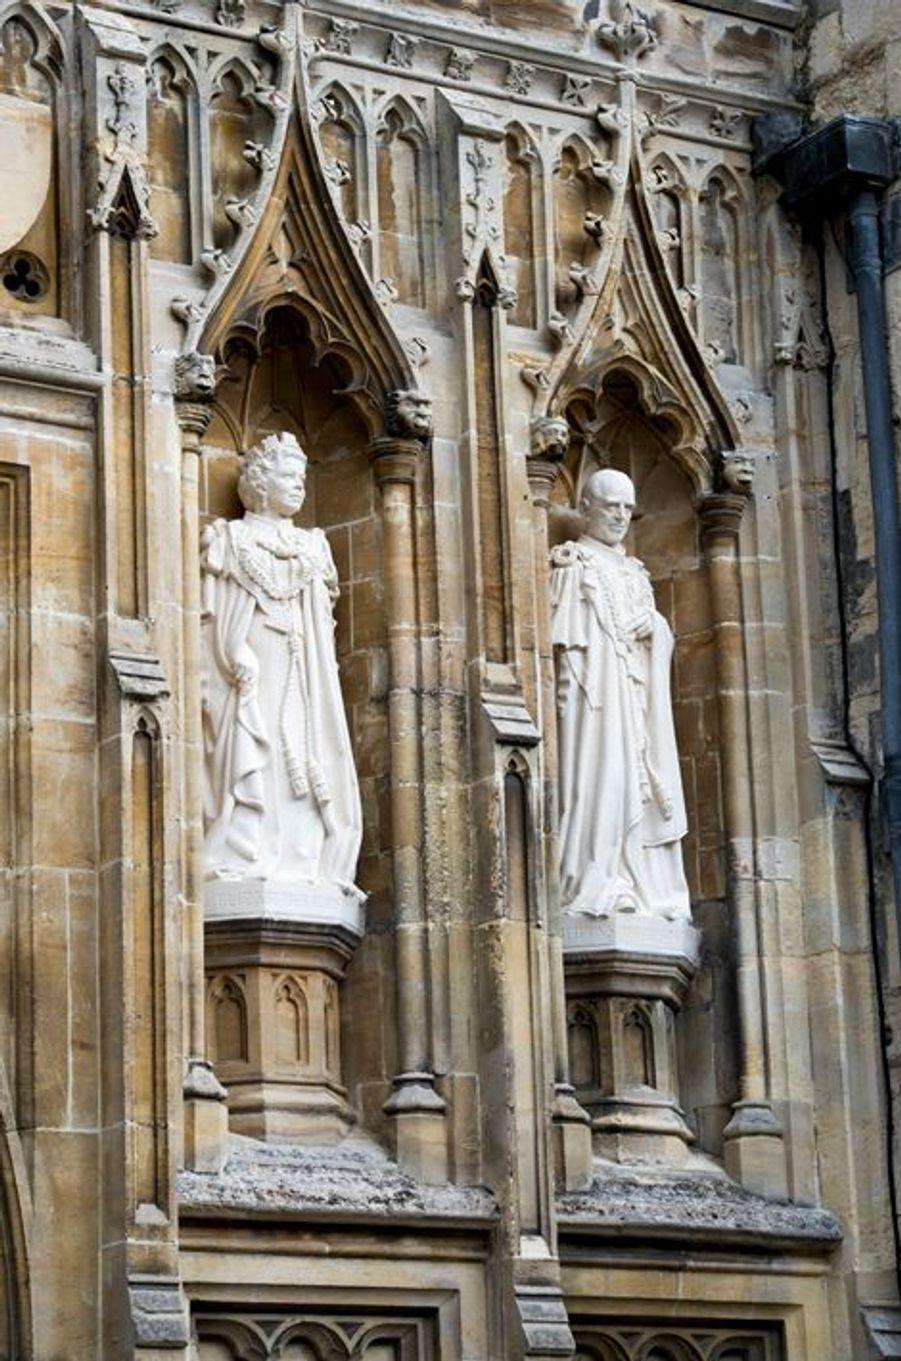 Les statues de la reine Elizabeth II et du duc d'Edimbourg sur la façade de la cathédrale de Canterbury, le 26 mars 2015